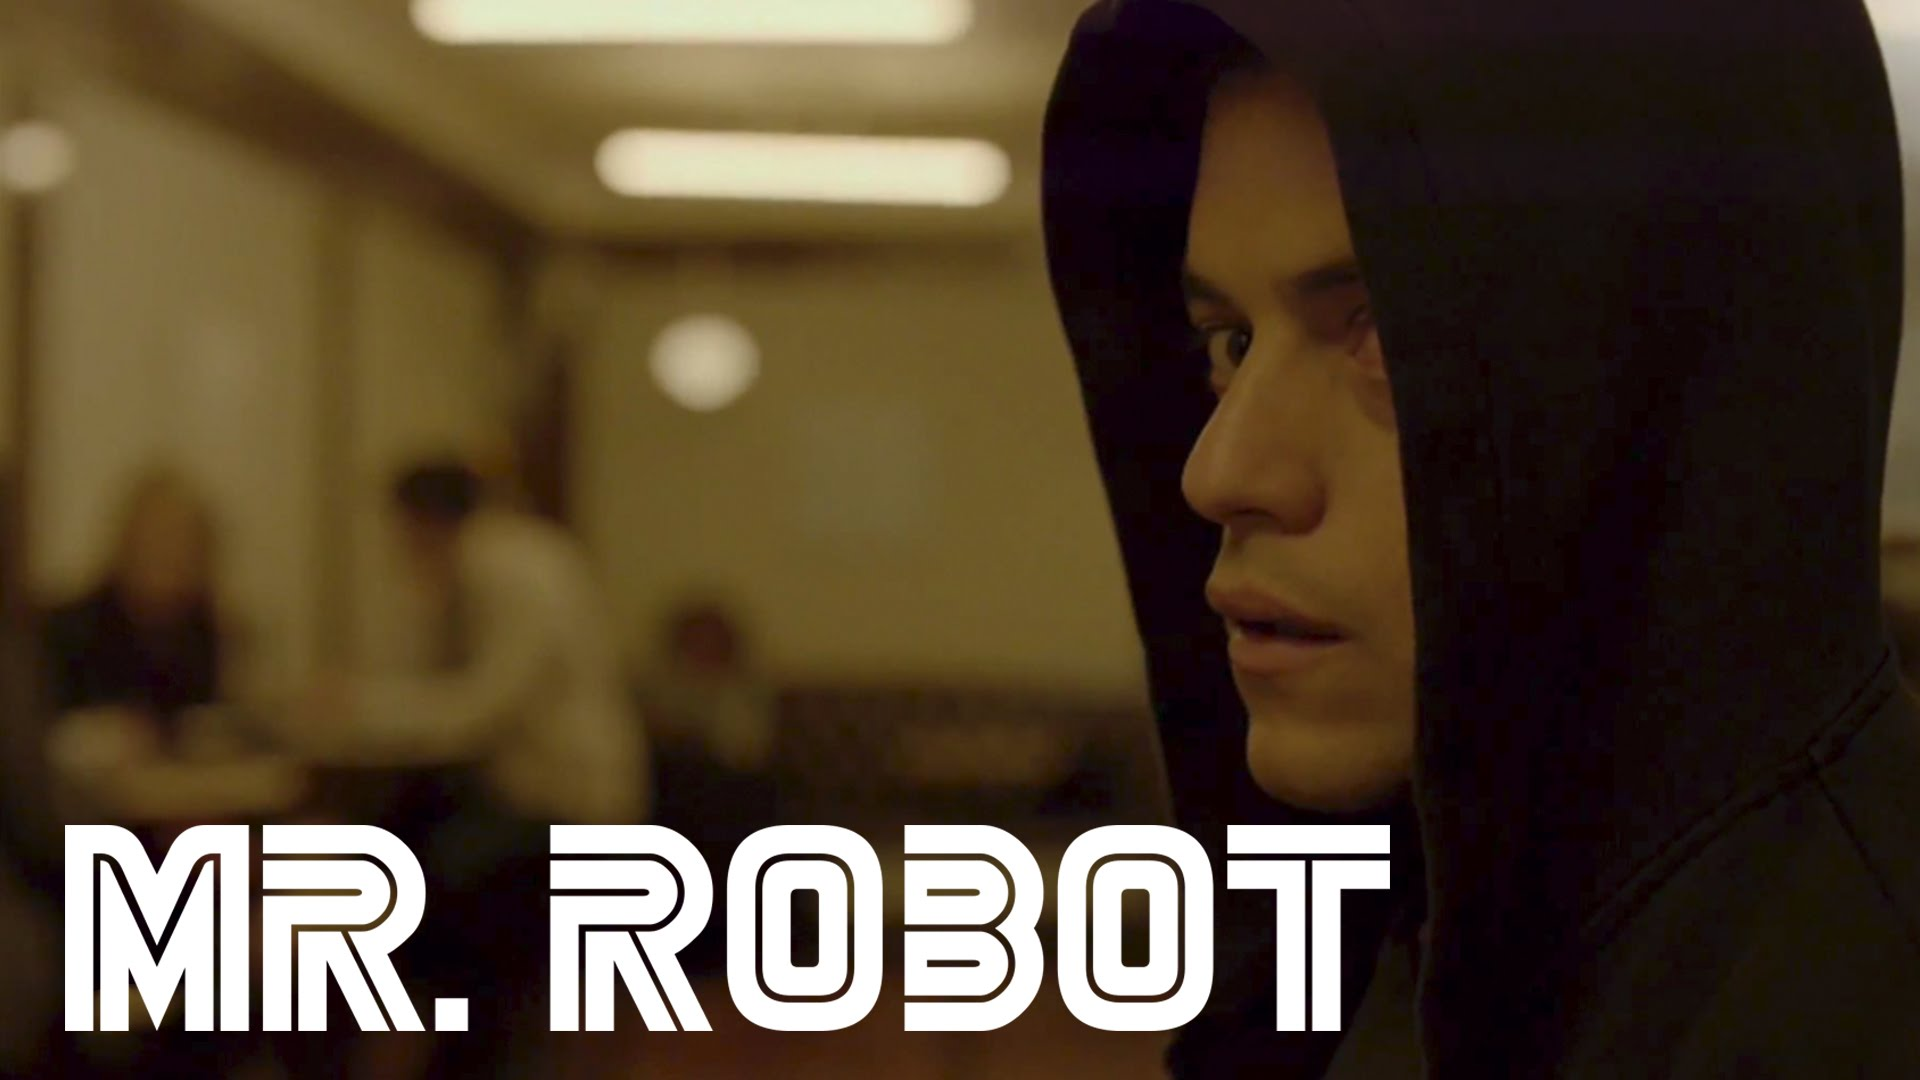 Mr. Robot Preview. Rami Malek as Elliot.